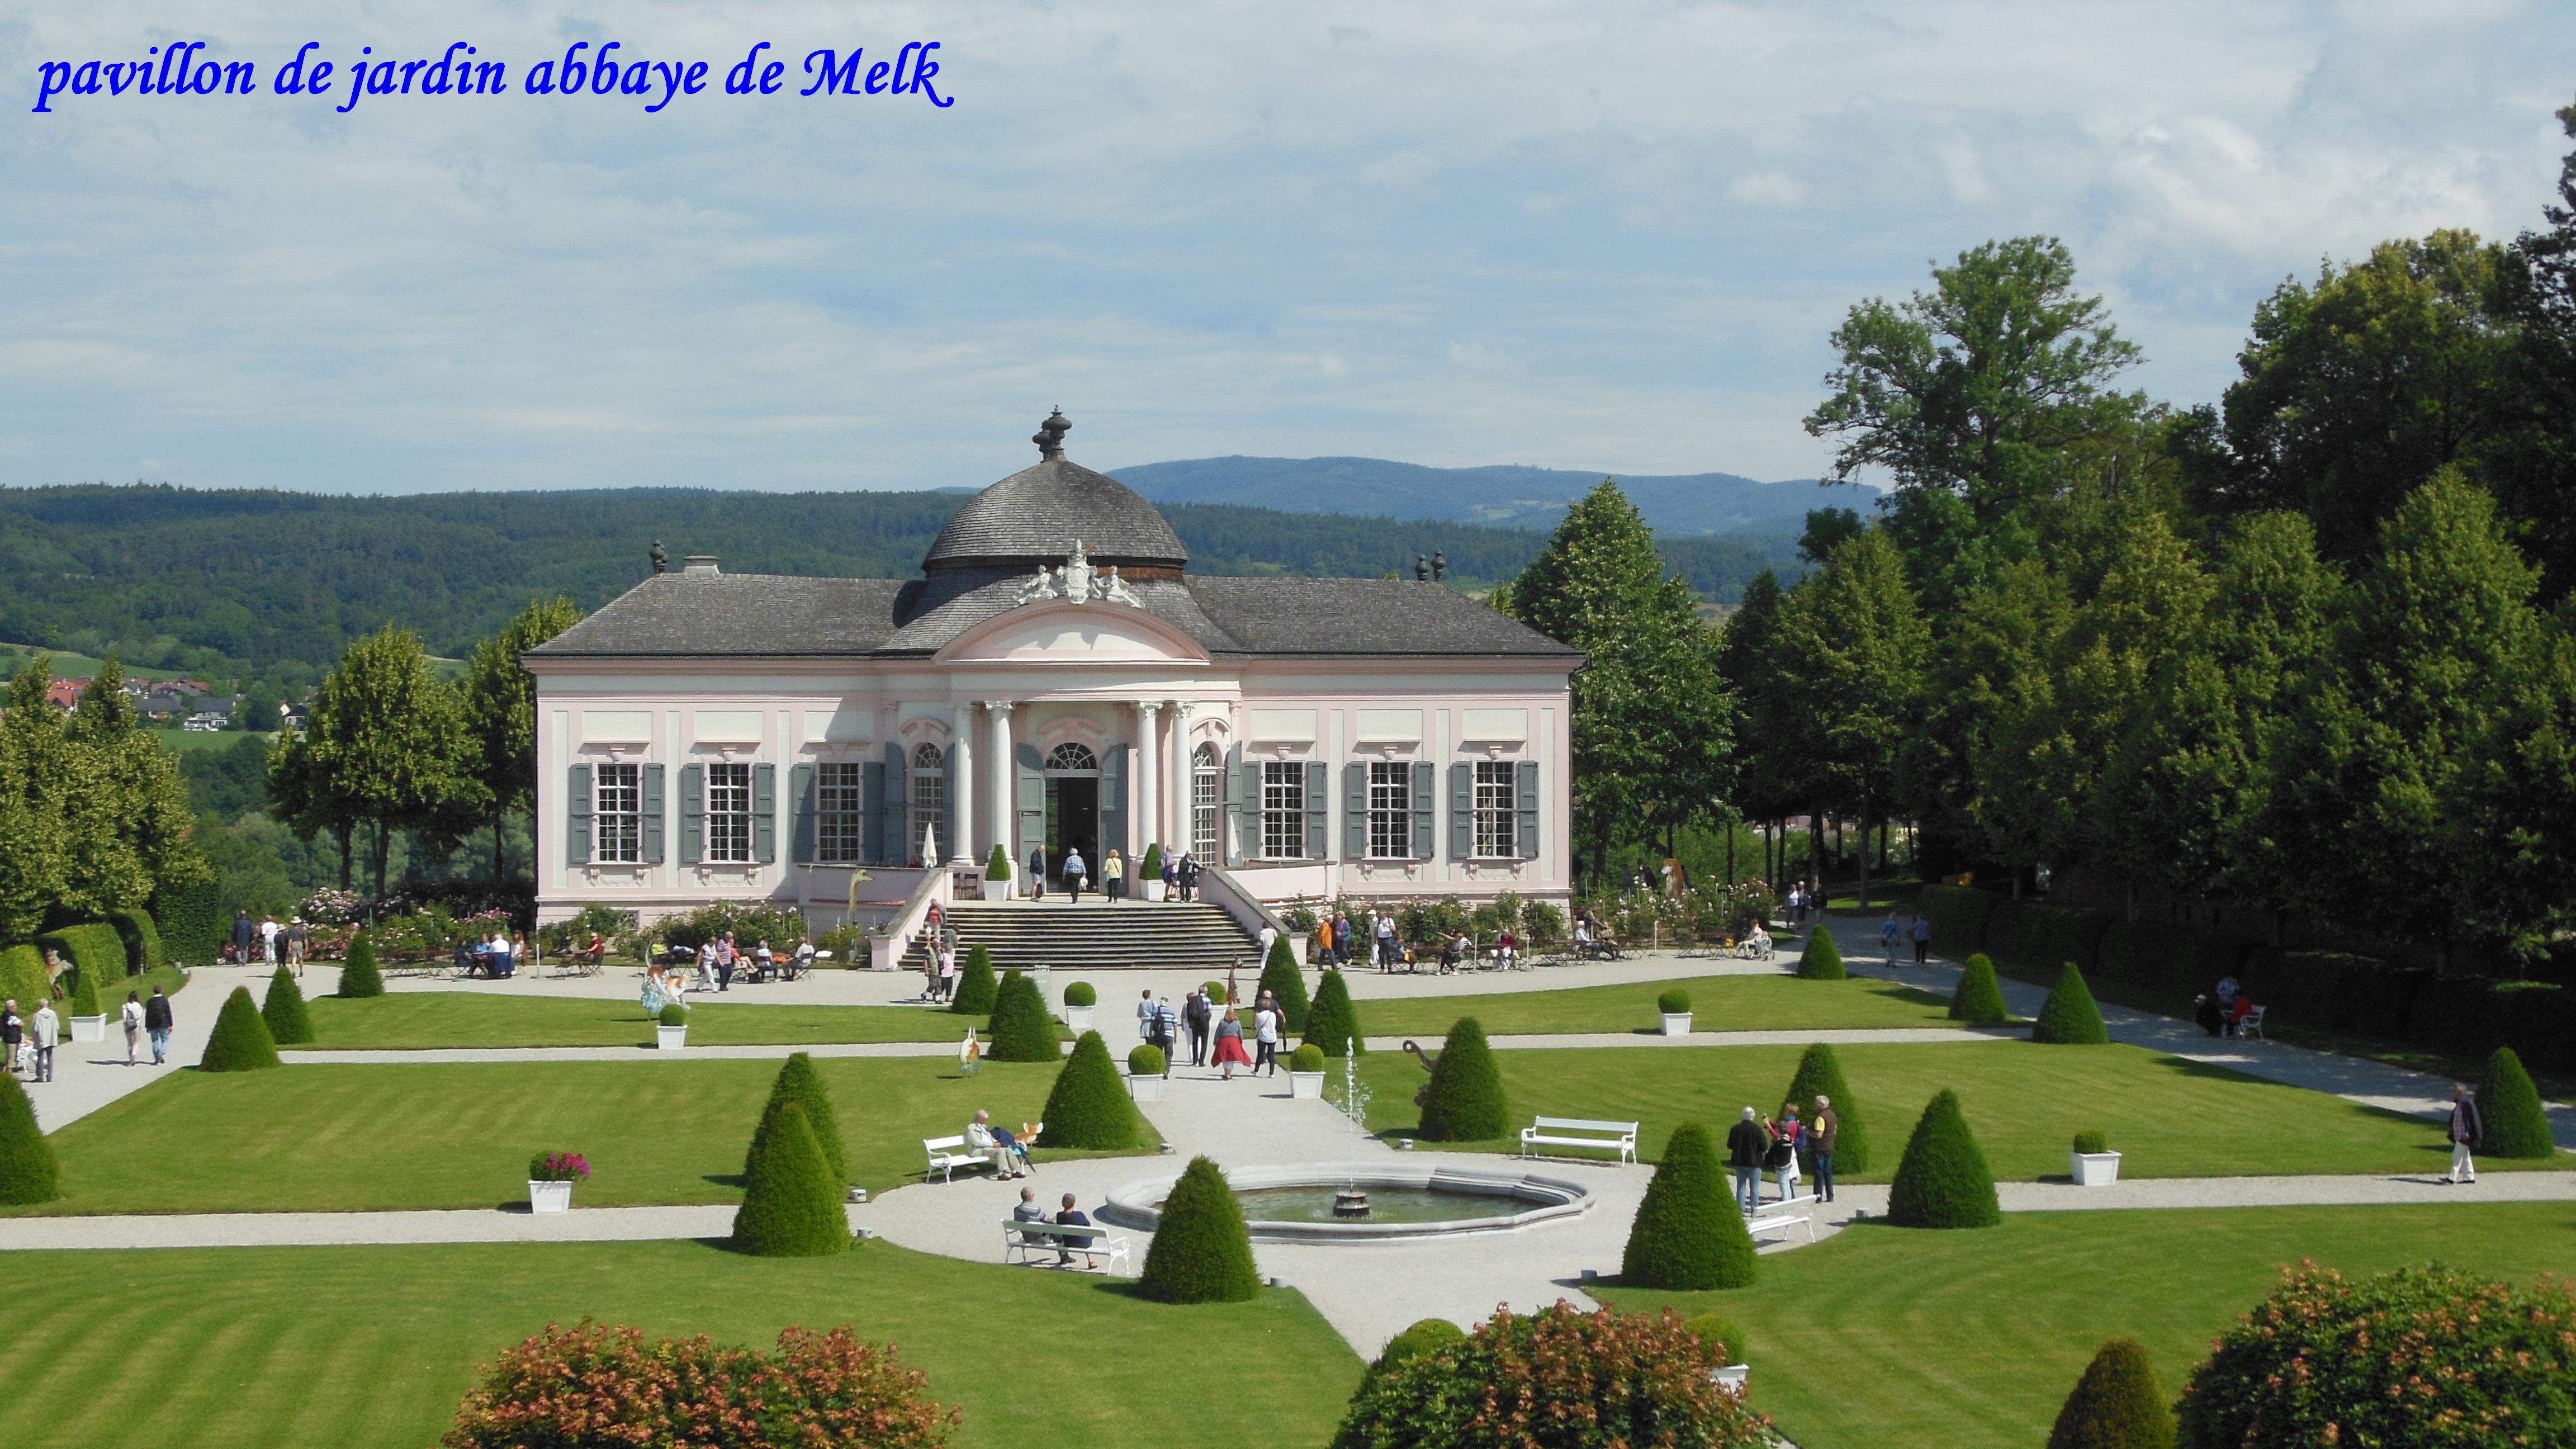 melk-abbayepavillondejardin